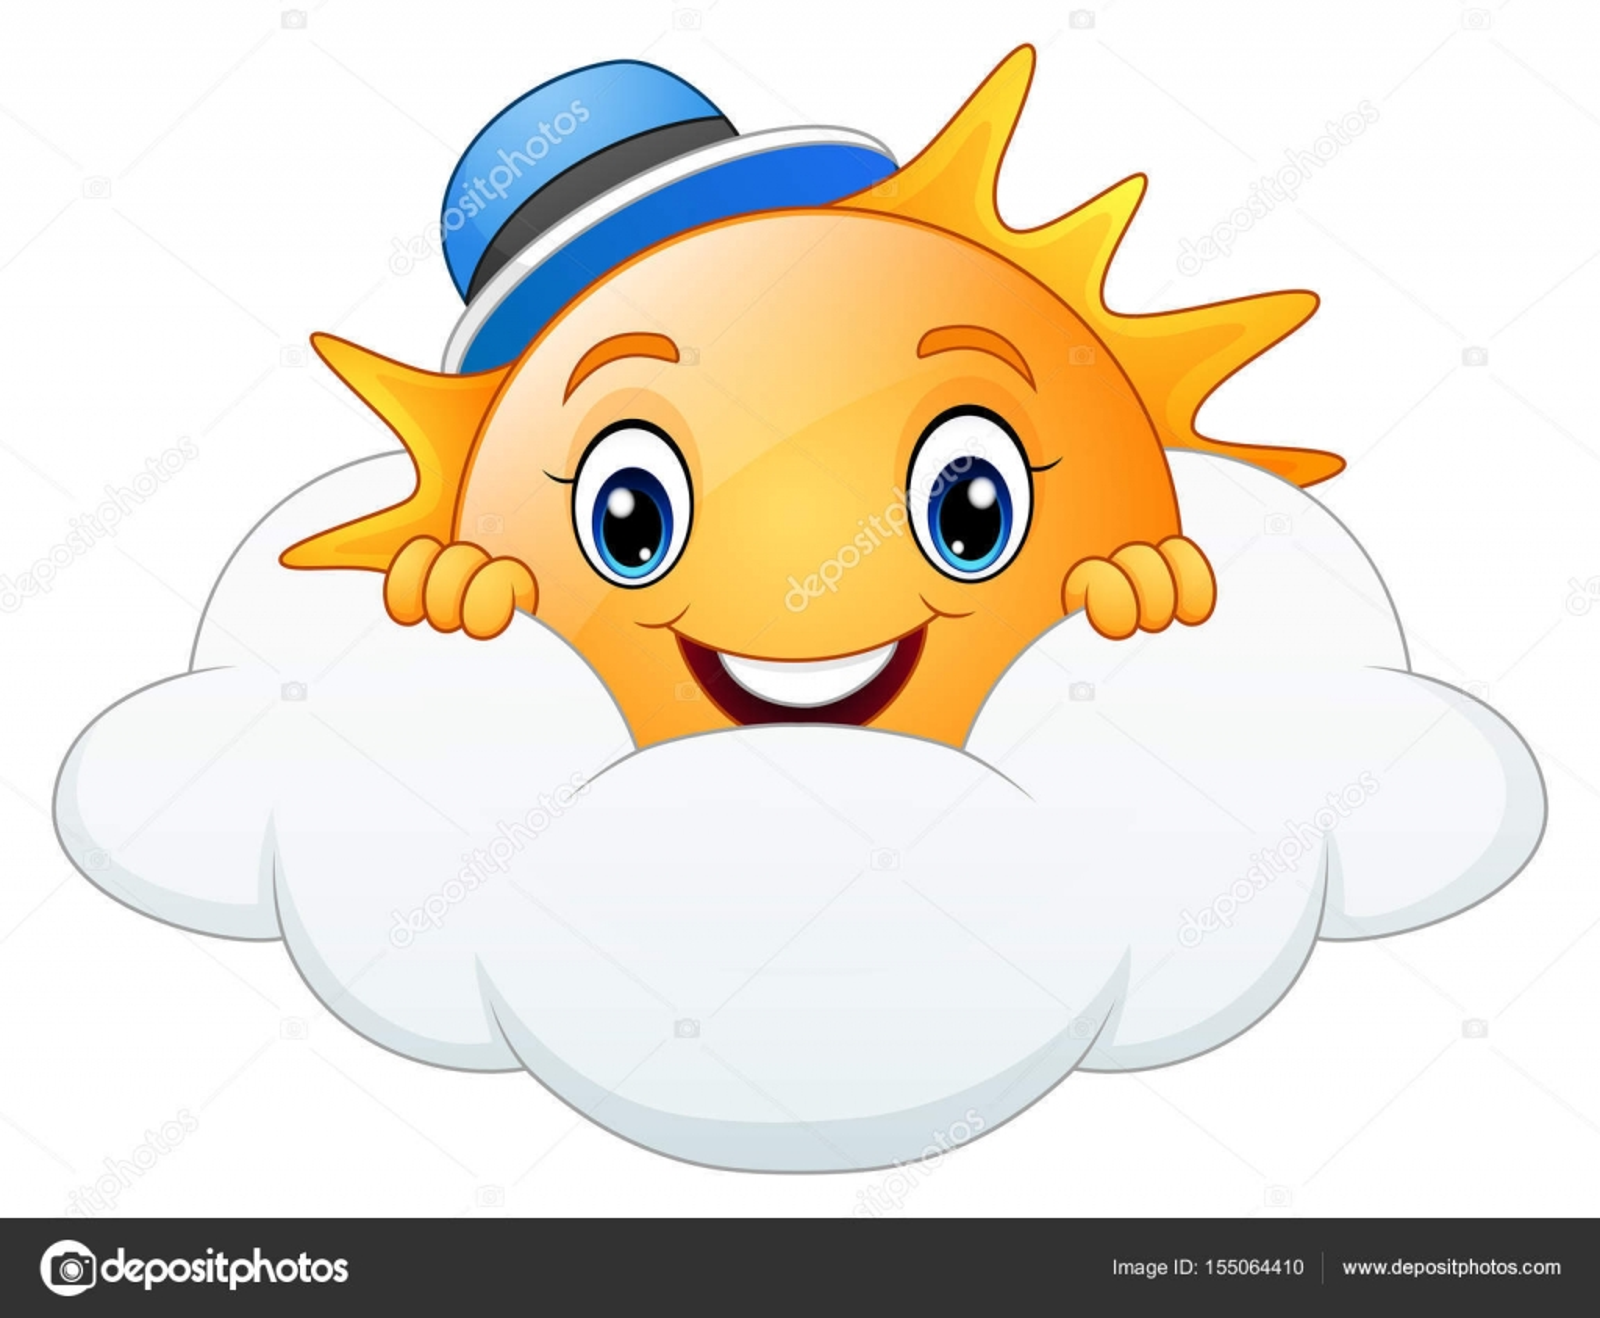 Dibujo De Sonriendo Ardilla De Dibujos Animados Para: Dibujos Animados De Sol Sonriente Con Tapa Azul Con Nubes